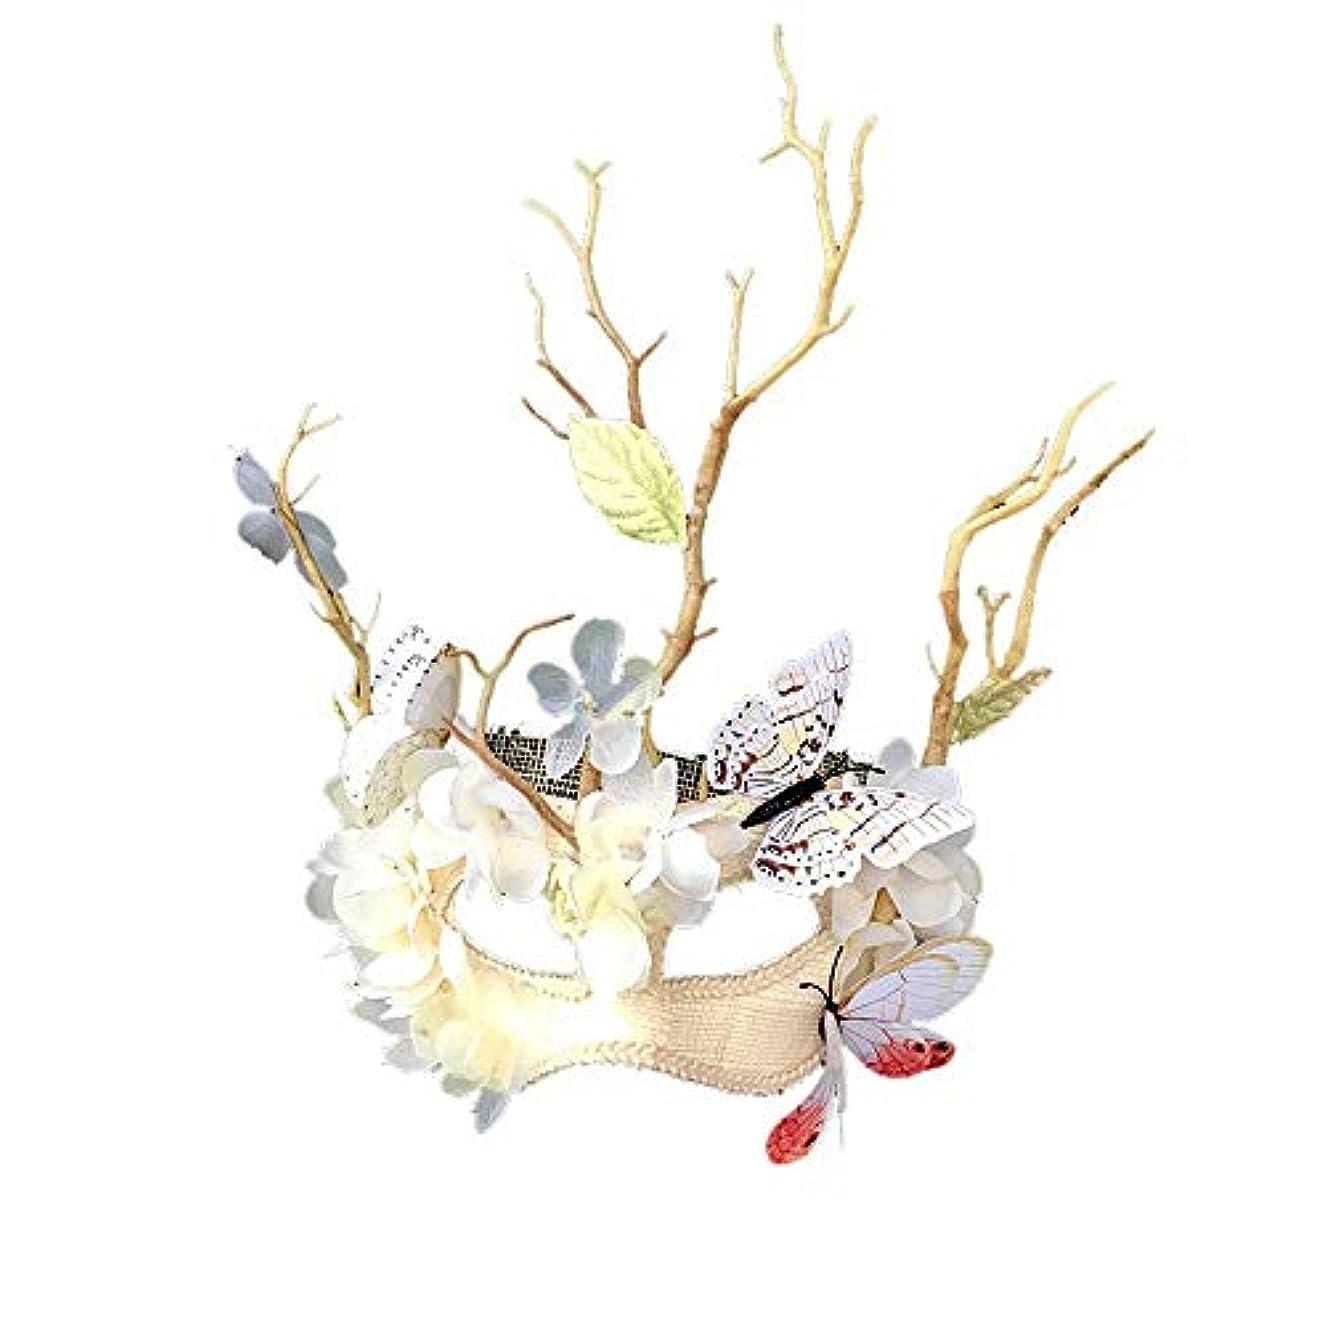 敏感な新しい意味担当者Nanle ハロウィンの蝶の木ブランチマスク仮装マスクレディミスプリンセス美容祭パーティーデコレーション (色 : ベージュ)